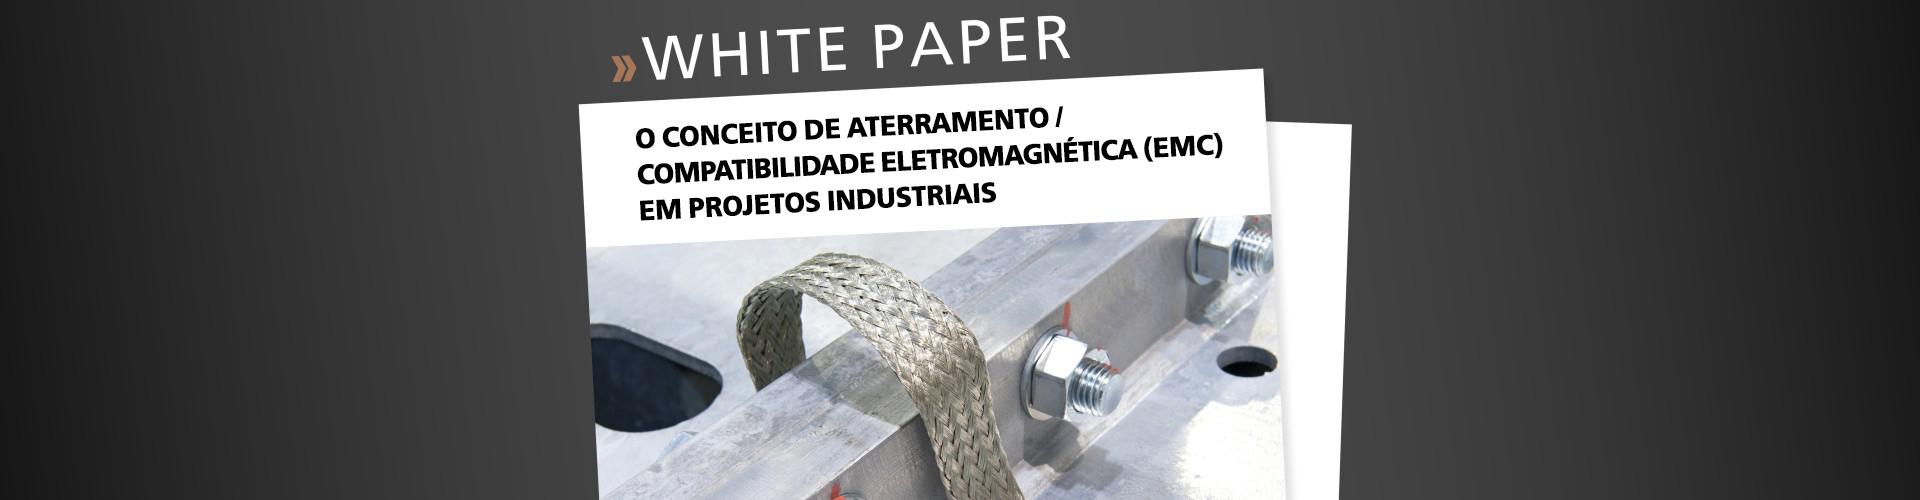 O que deve ser considerado para compatibilidade eletromagnética nas plantas de produção?